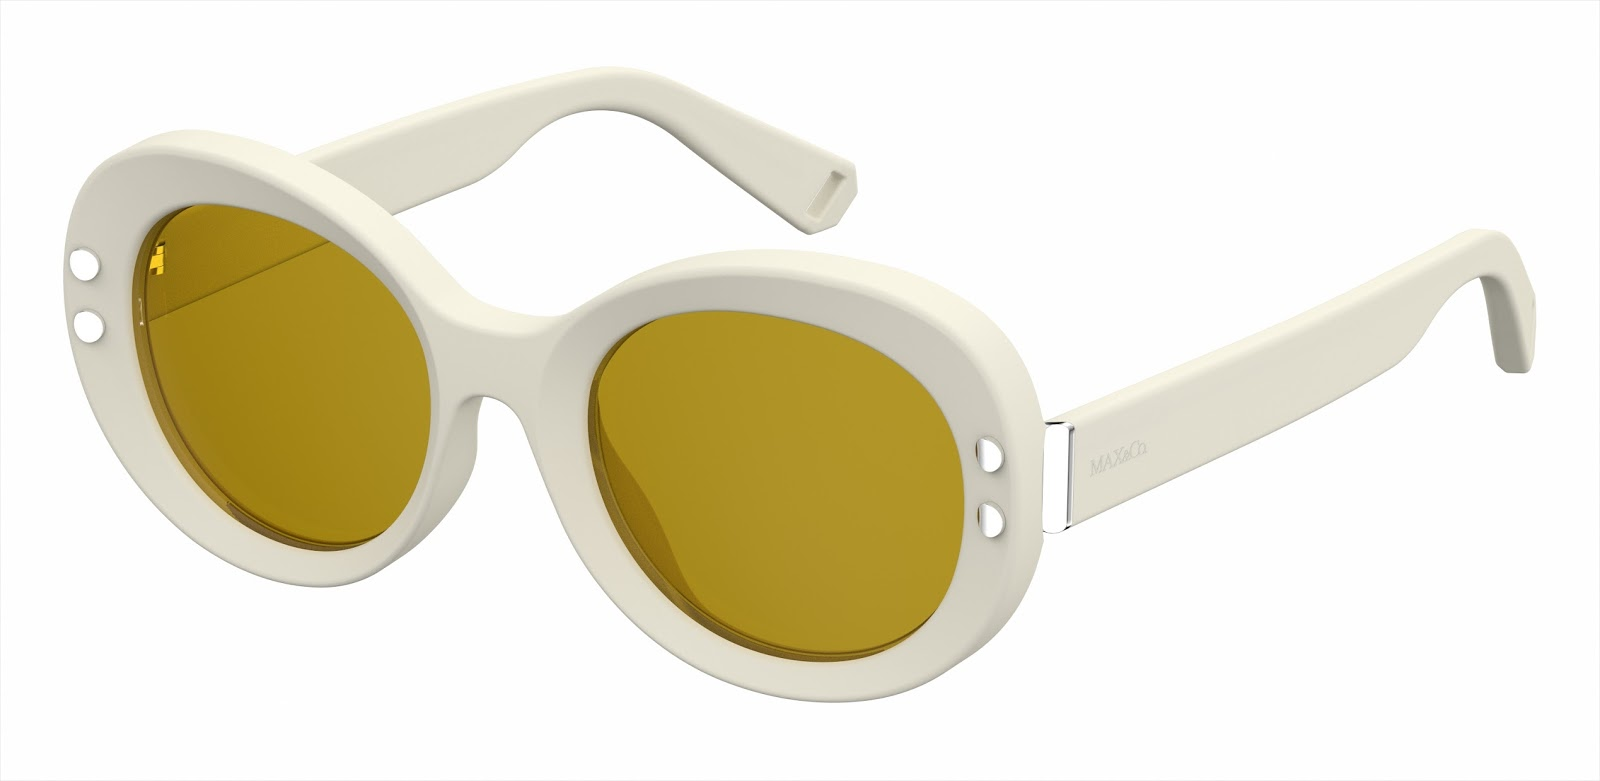 Η MAX Co. παρουσιάζει τη νέα συλλογή γυαλιών ηλίου για το Φθινόπωρο Χειμώνα  2016. Σε πρώτο πλάνο οι τολμηρές γραμμές με Vintage διάθεση b98edc1e2d1